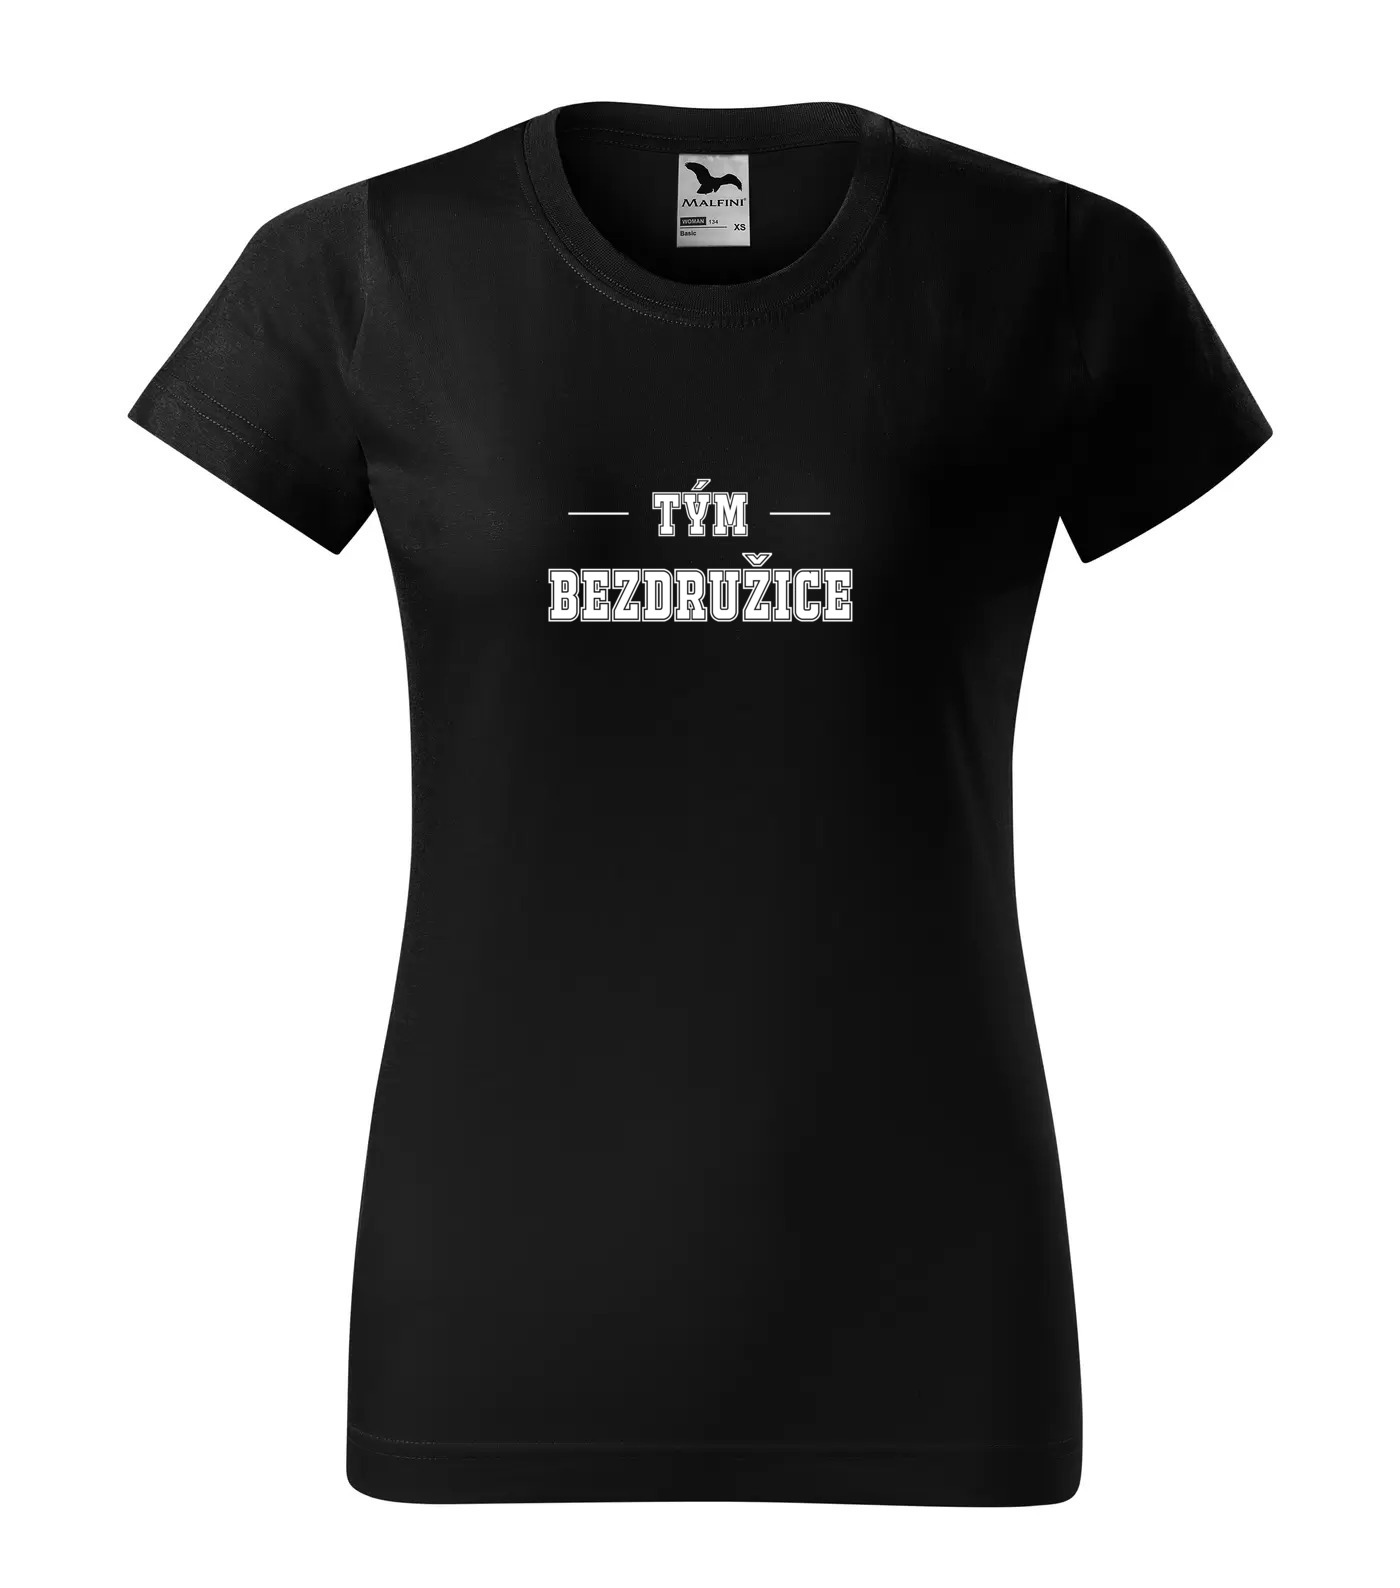 Tričko Bezdružice